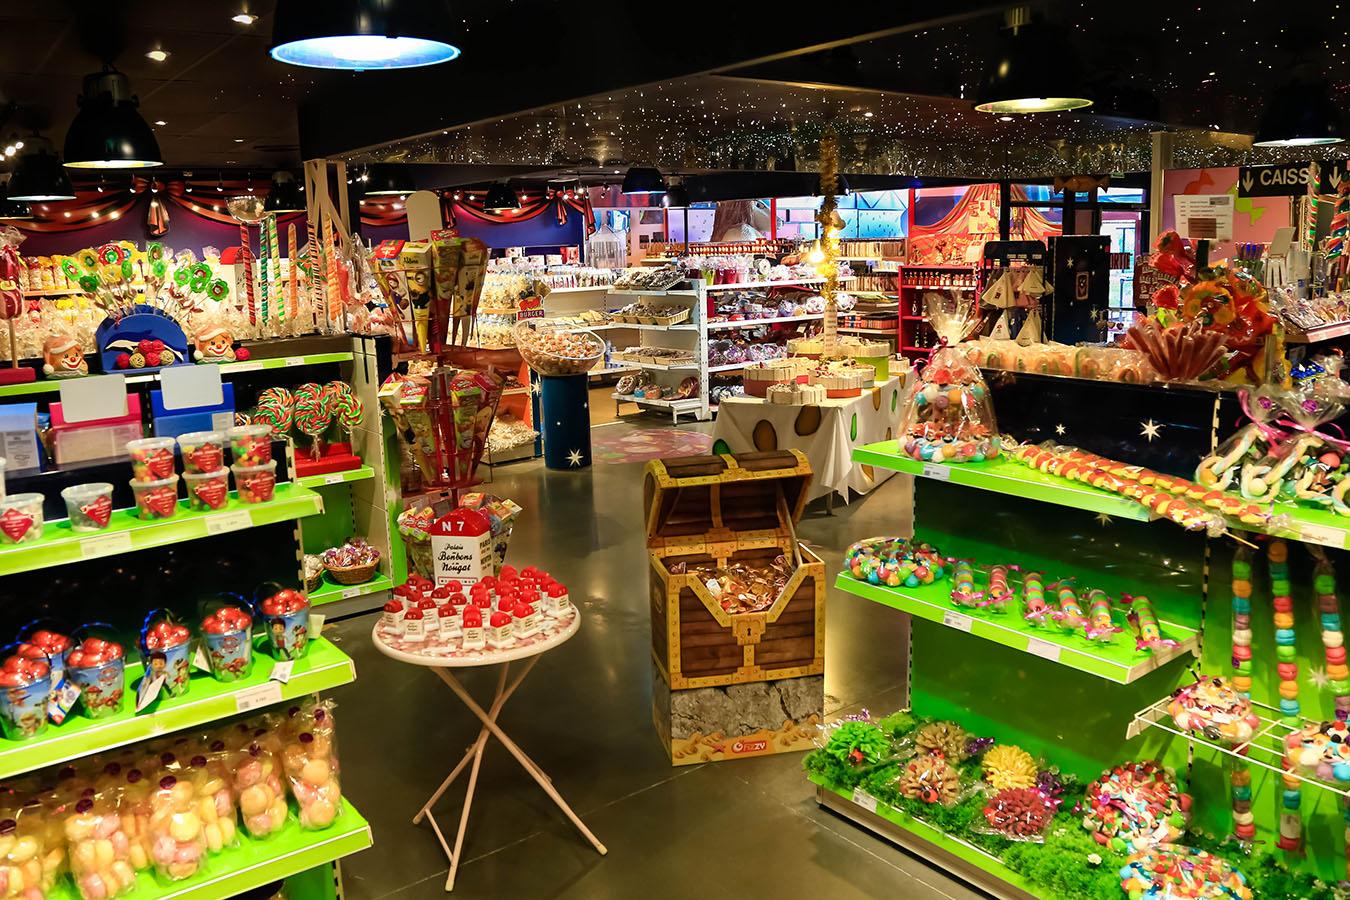 Vente de bonbons, nougats et autres confiseries  Douceurs du Palais